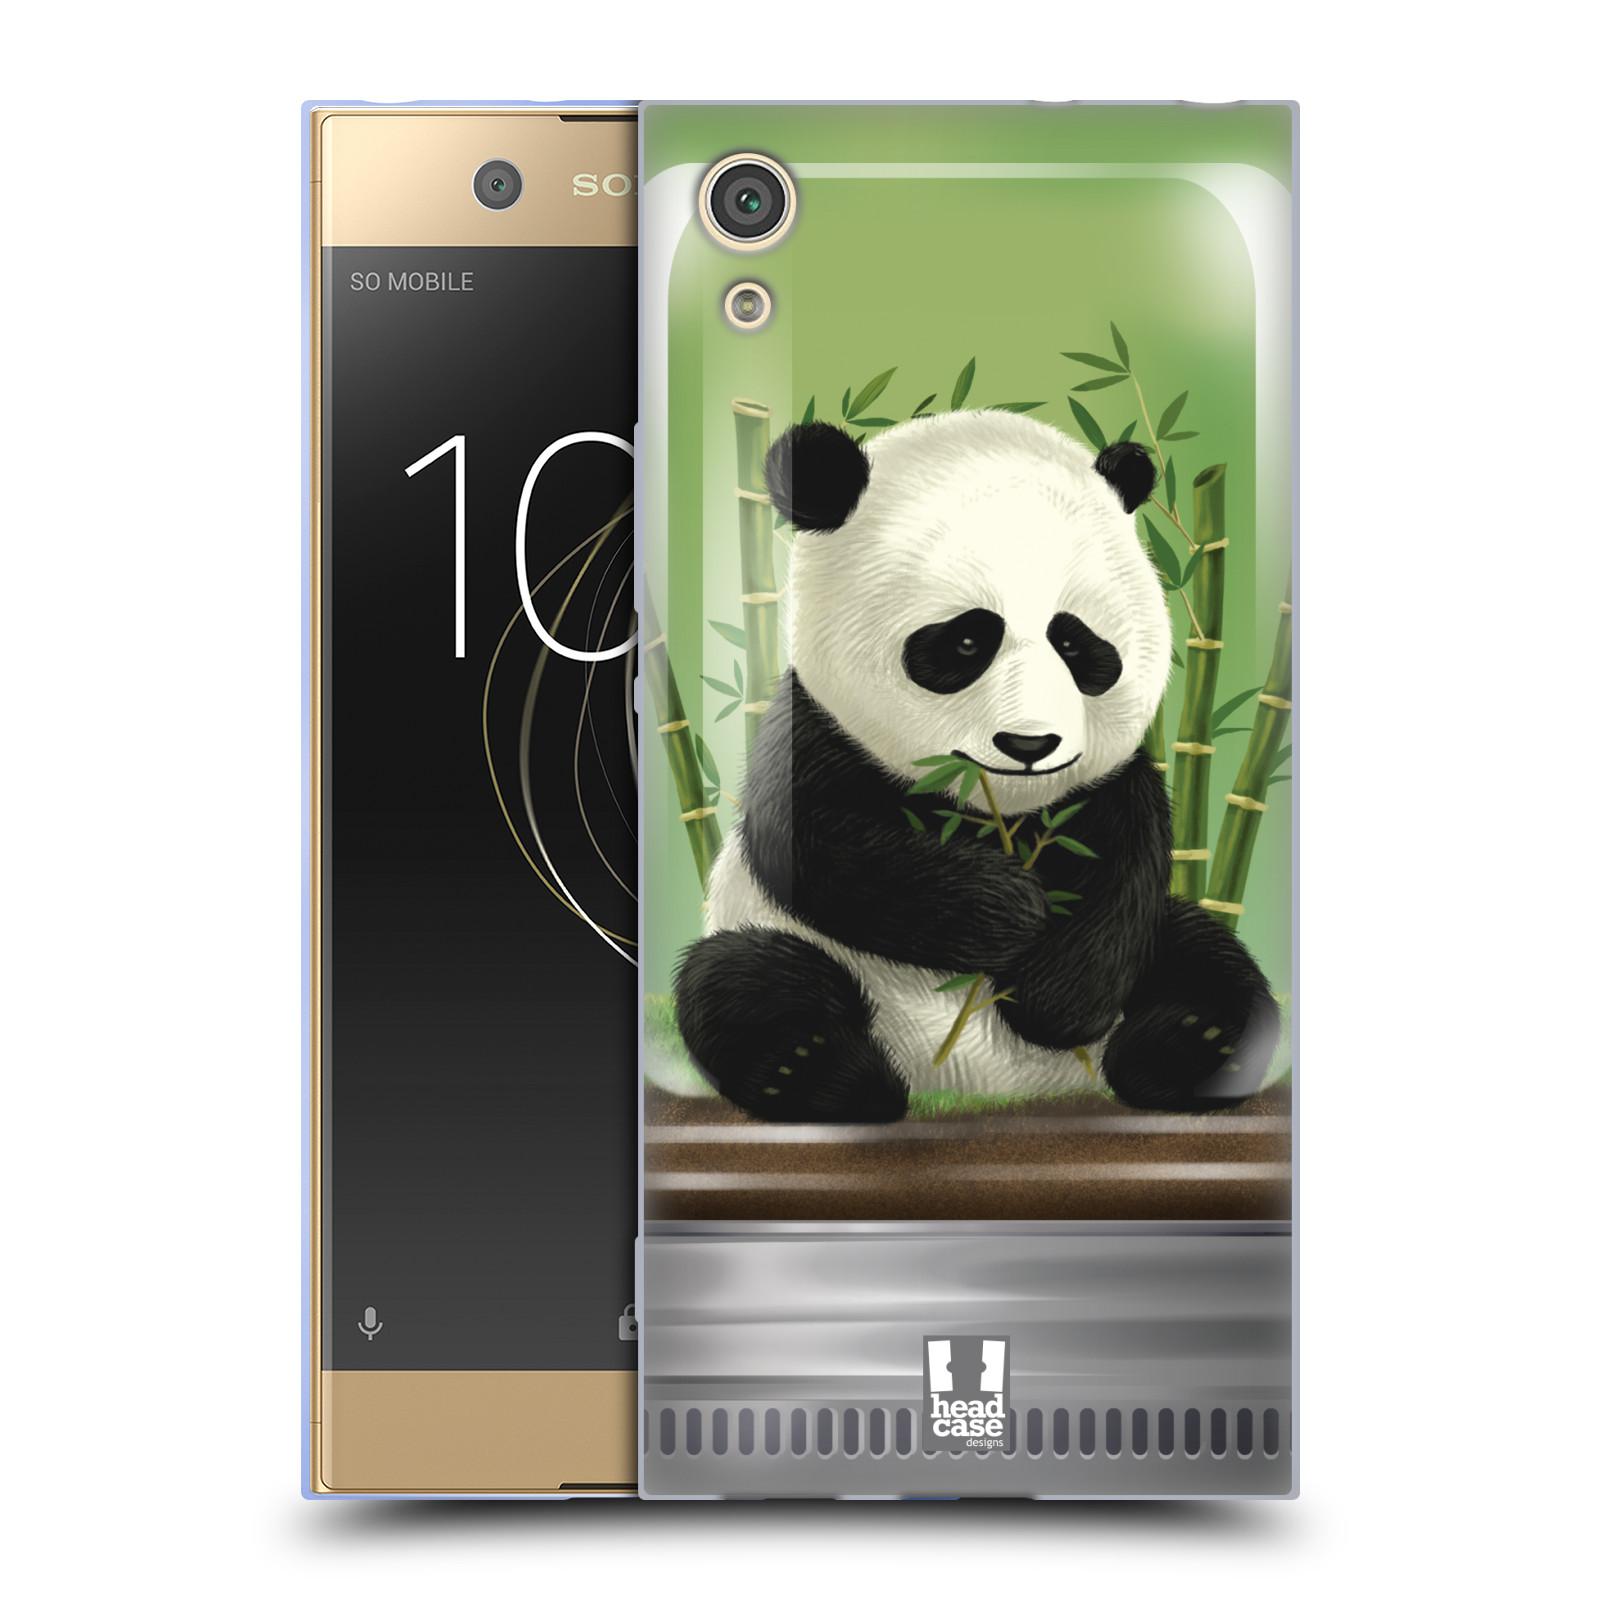 HEAD CASE silikonový obal na mobil Sony Xperia XA1 / XA1 DUAL SIM vzor Zvířátka v těžítku panda